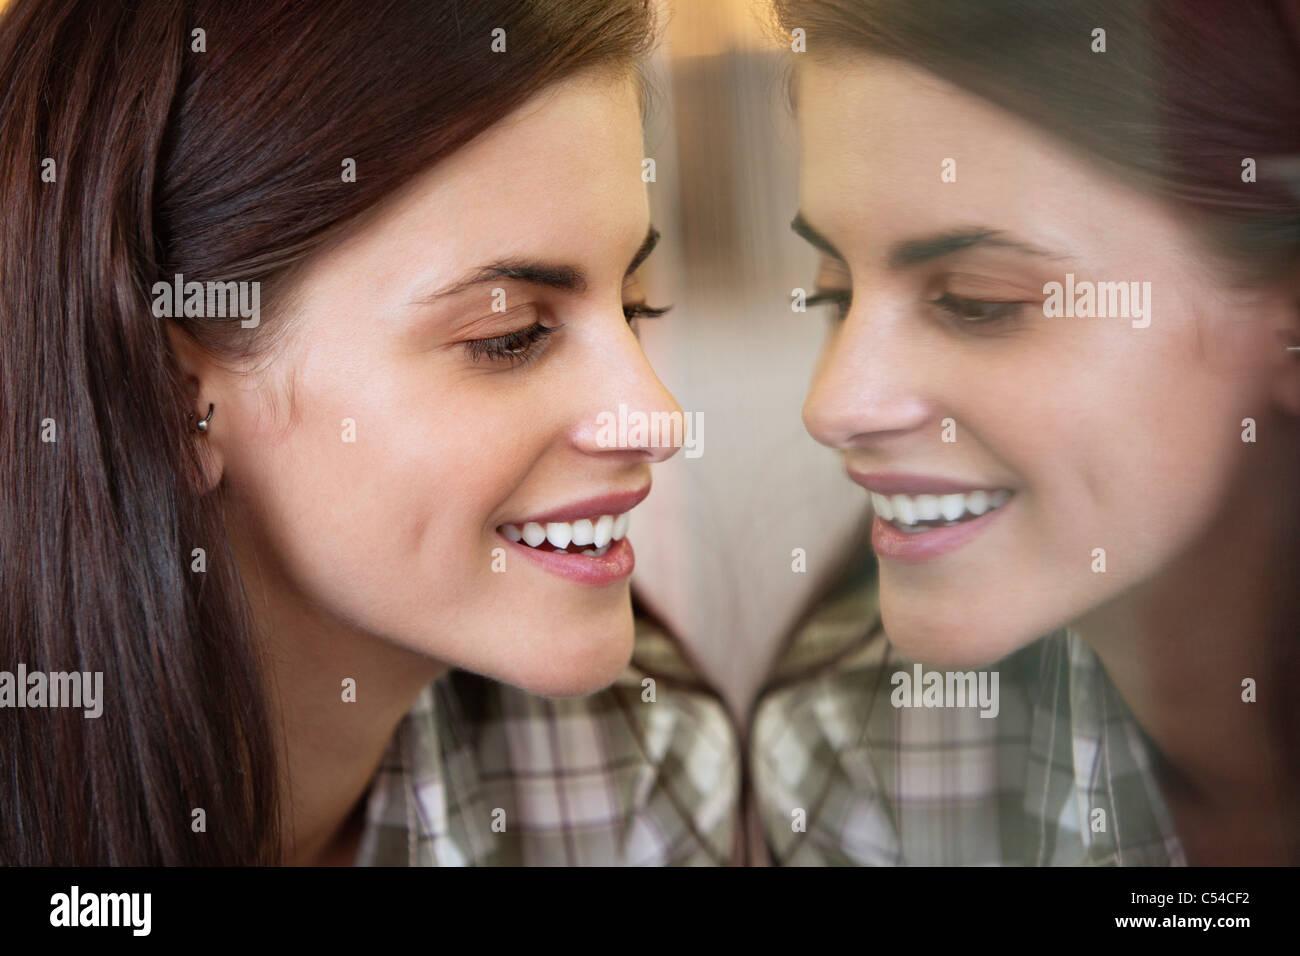 Mujer sonriente mirando su propio reflejo en el espejo Imagen De Stock